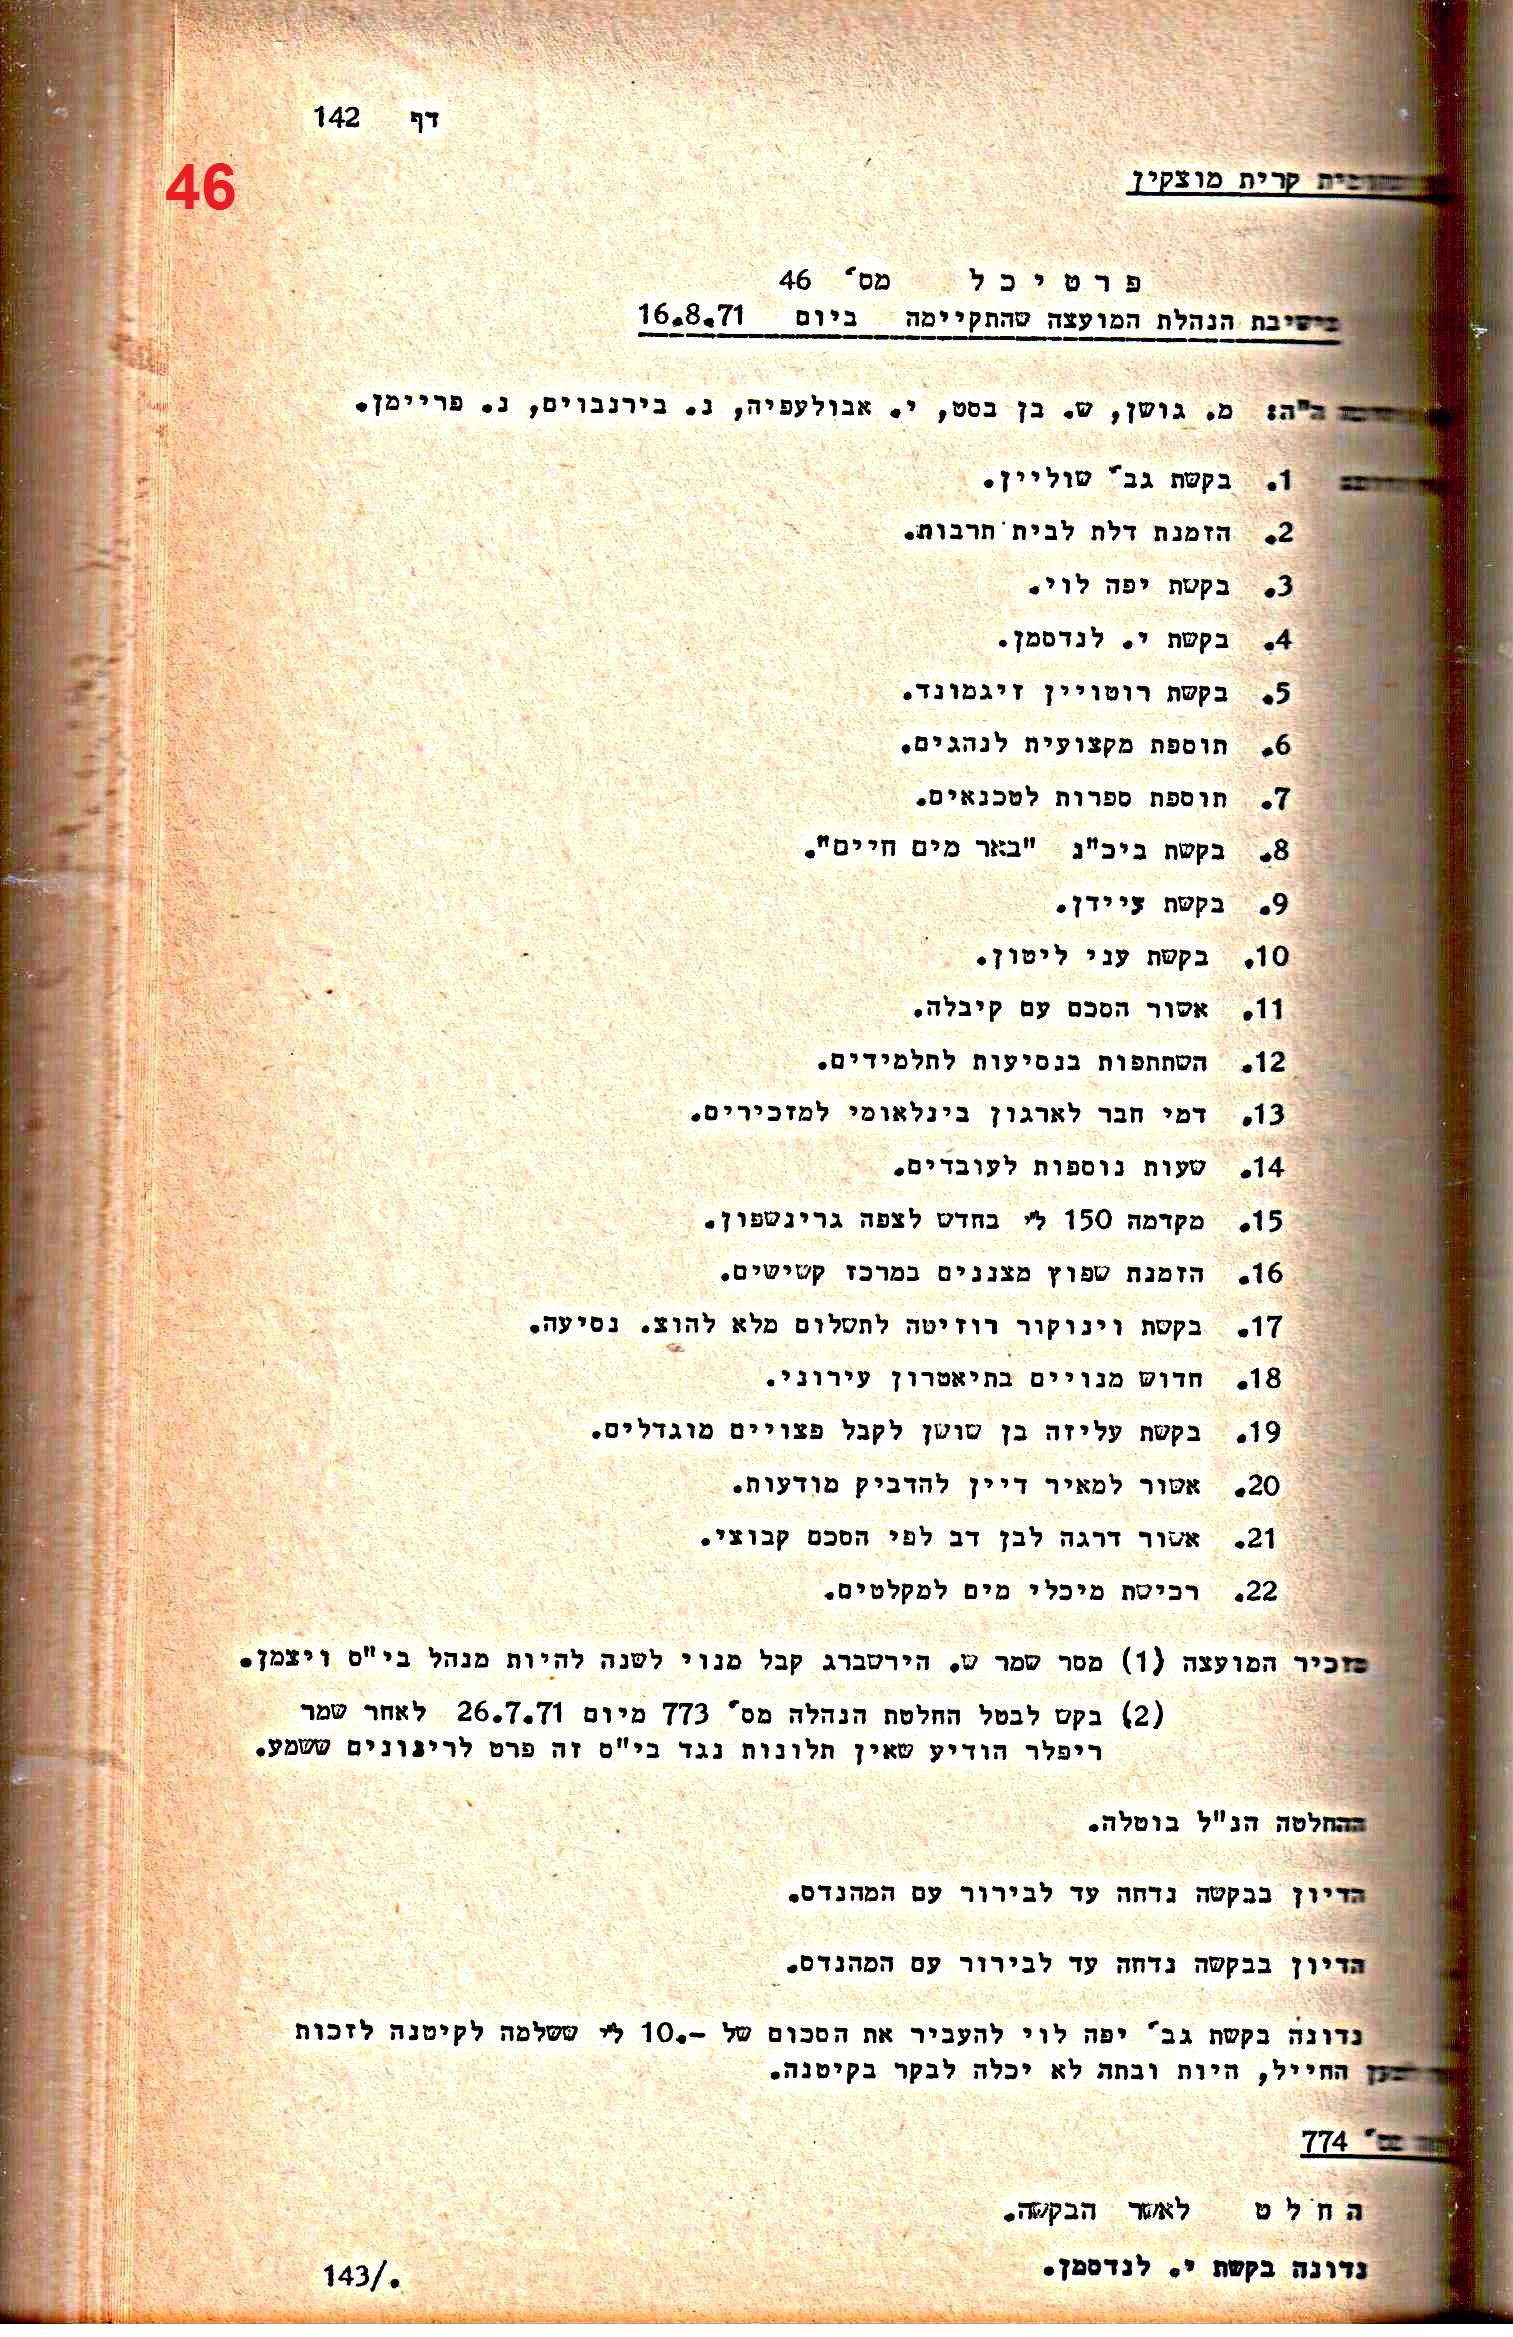 פרוטוקולים 13 – הנהלה – 17.12.73 – 22.12.69 by riki deri - Illustrated by  מוזיאון בית גרושקביץ / כרך 13 - Ourboox.com